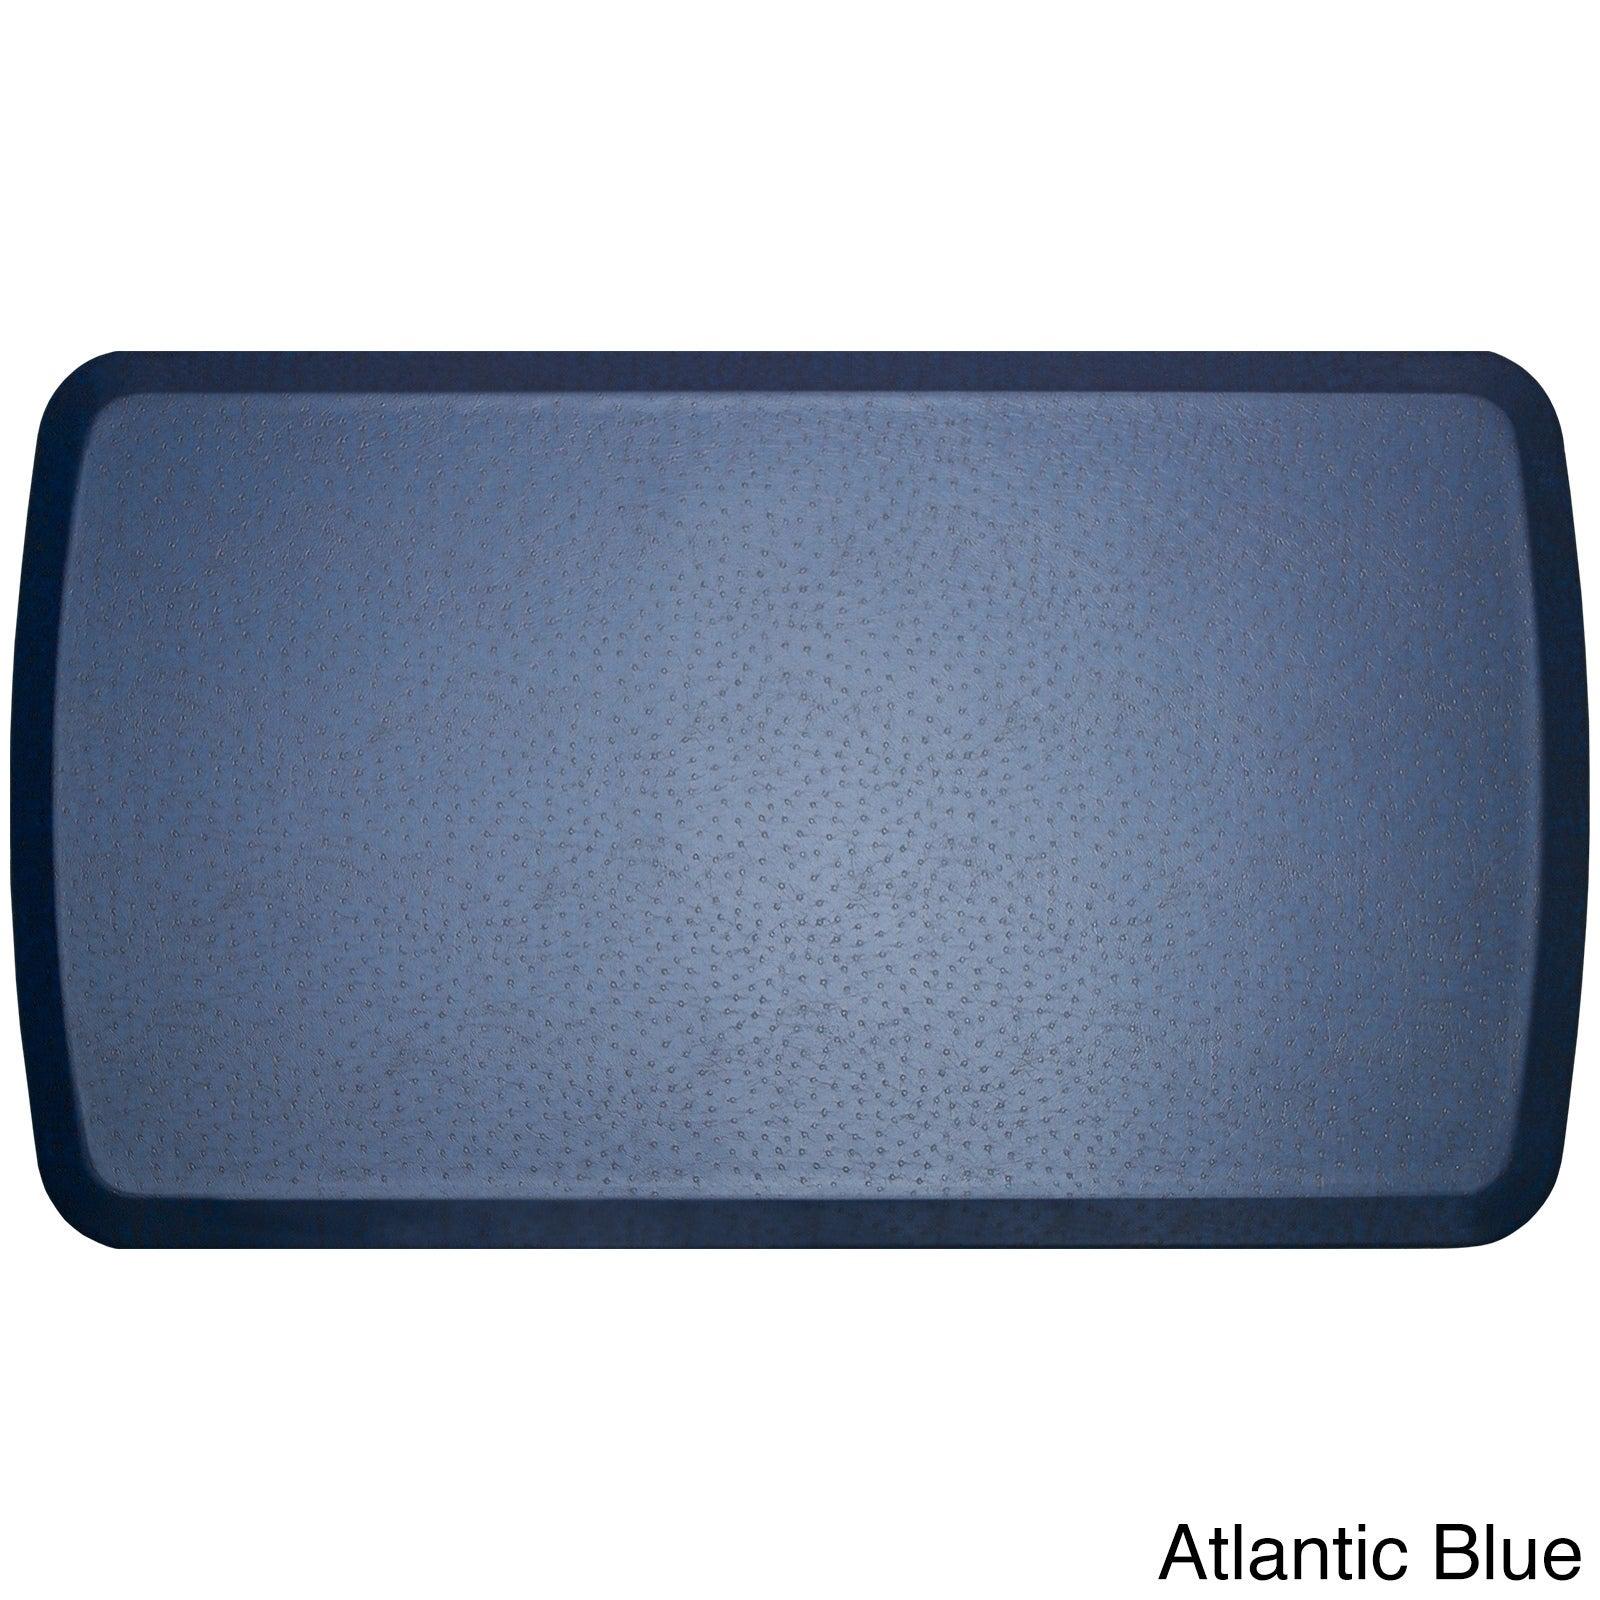 GelPro Elite Premier Kitchen Floor Mat 20 by 36 Inch Quill Atlantic ...